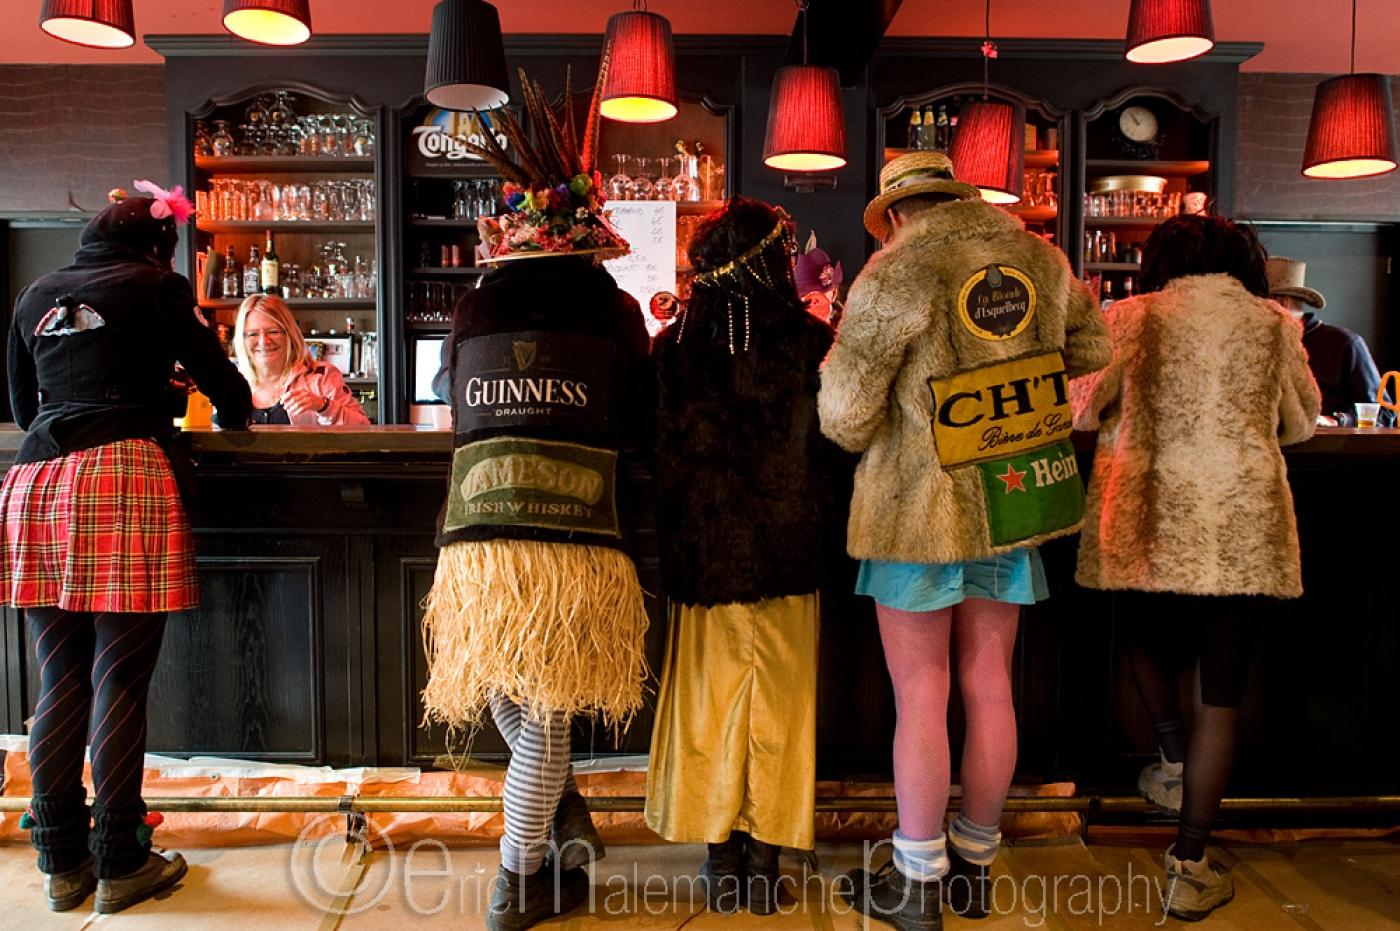 https://www.ericmalemanche.com/imagess/topics/carnaval-de-dunkerque/liste/Carnaval-Dunkerque-0210.jpg